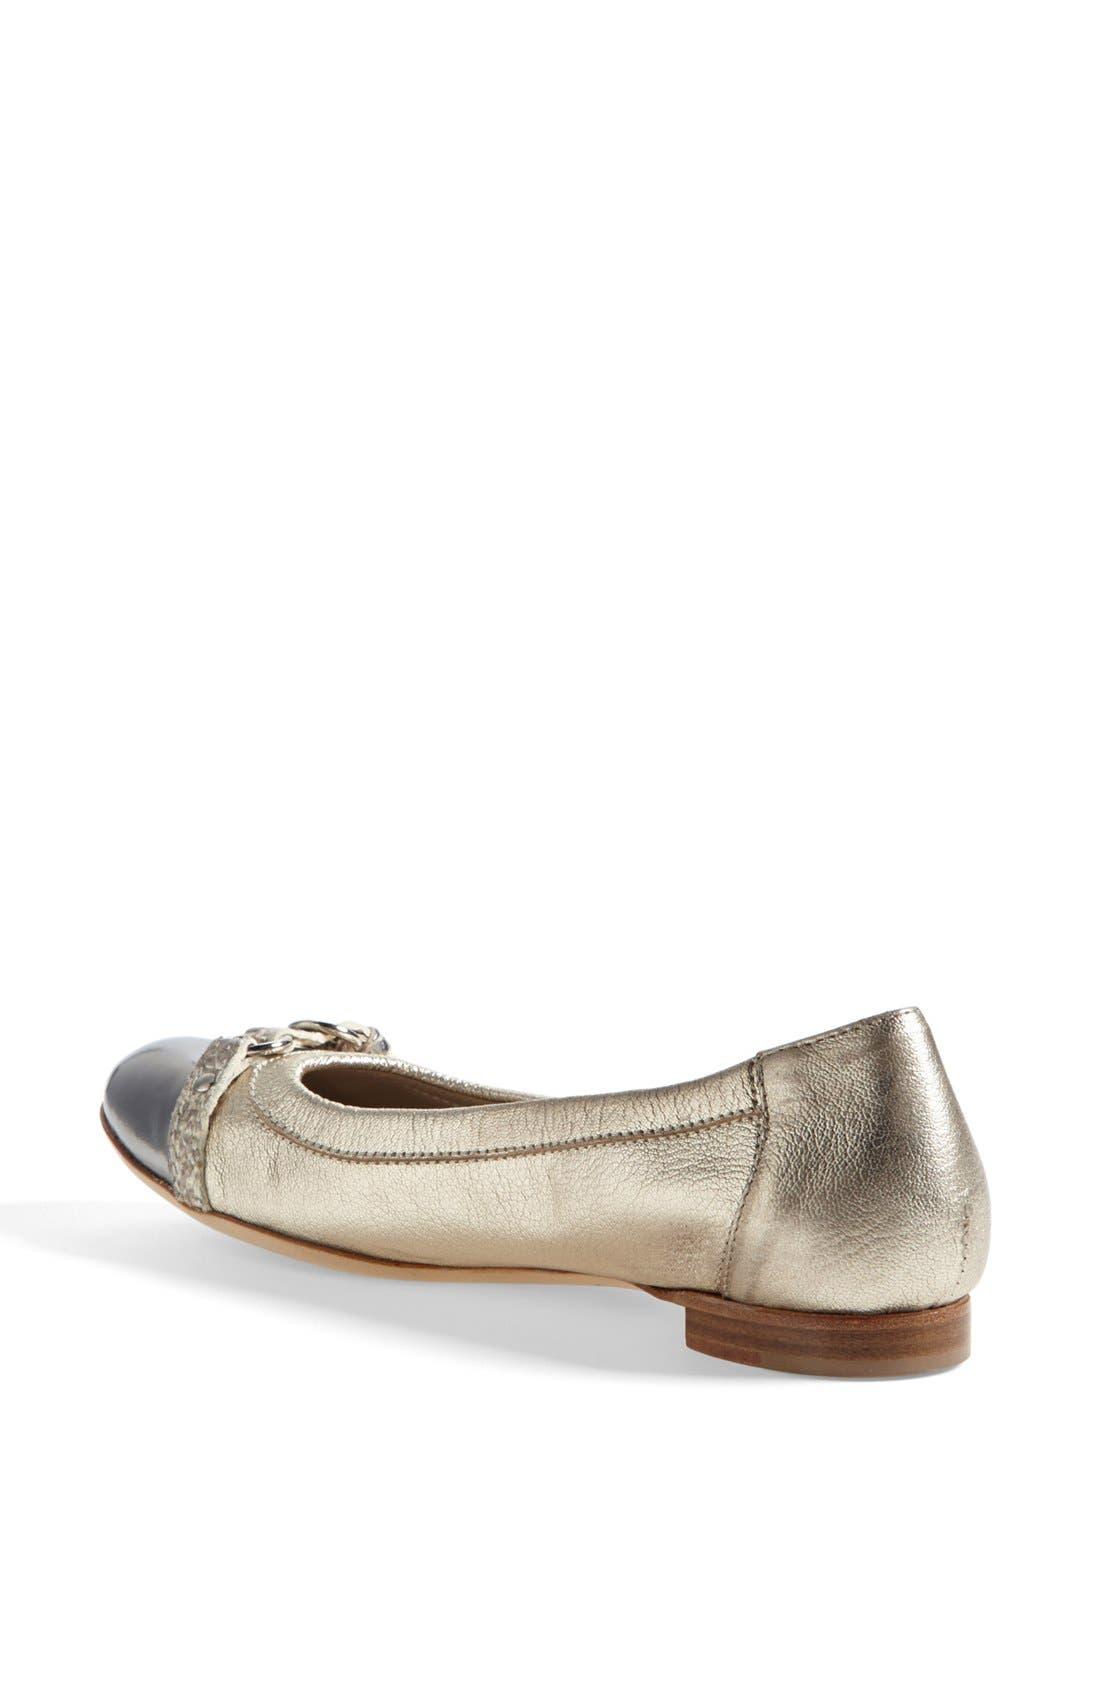 Alternate Image 2  - Attilio Giusti Leombruni Toe Cap Ballet Flat